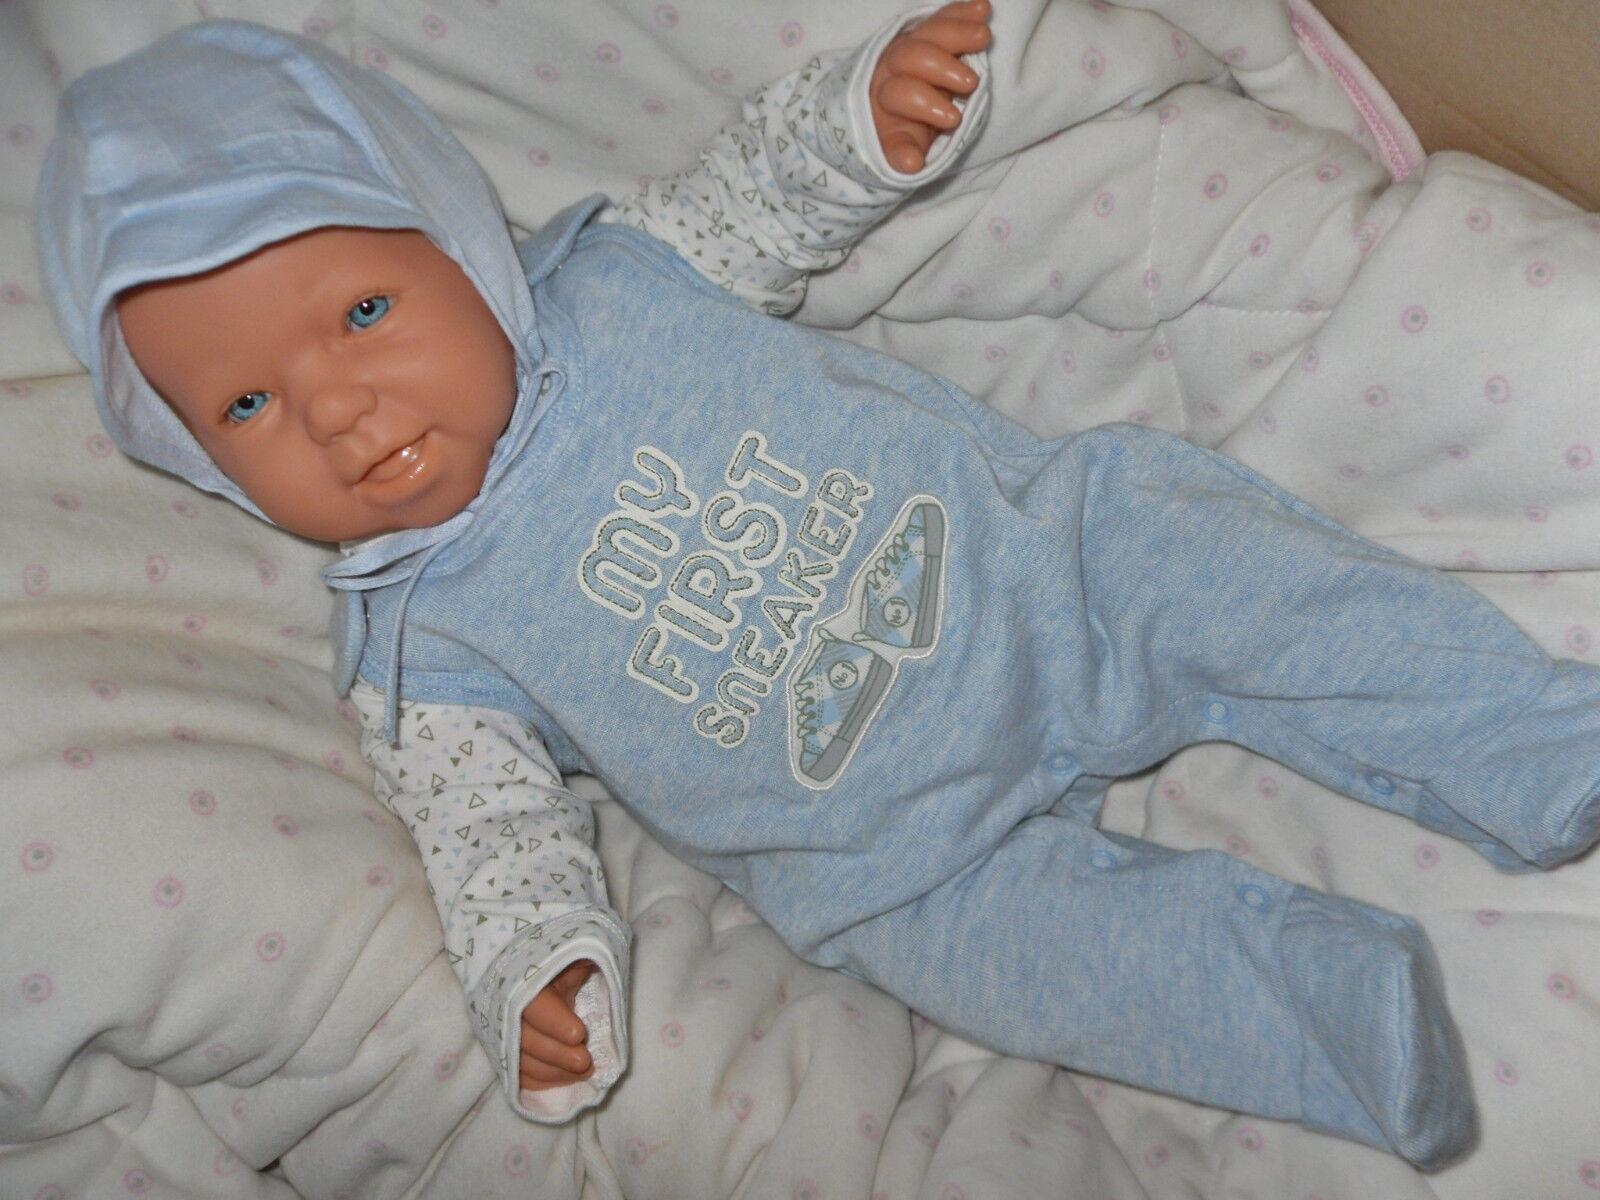 Traumbambolas bambino BAMBOLE Antonio Juan MILAN 52 cm Bambola Bambini  Bambola bambola gioco  wholesape economico